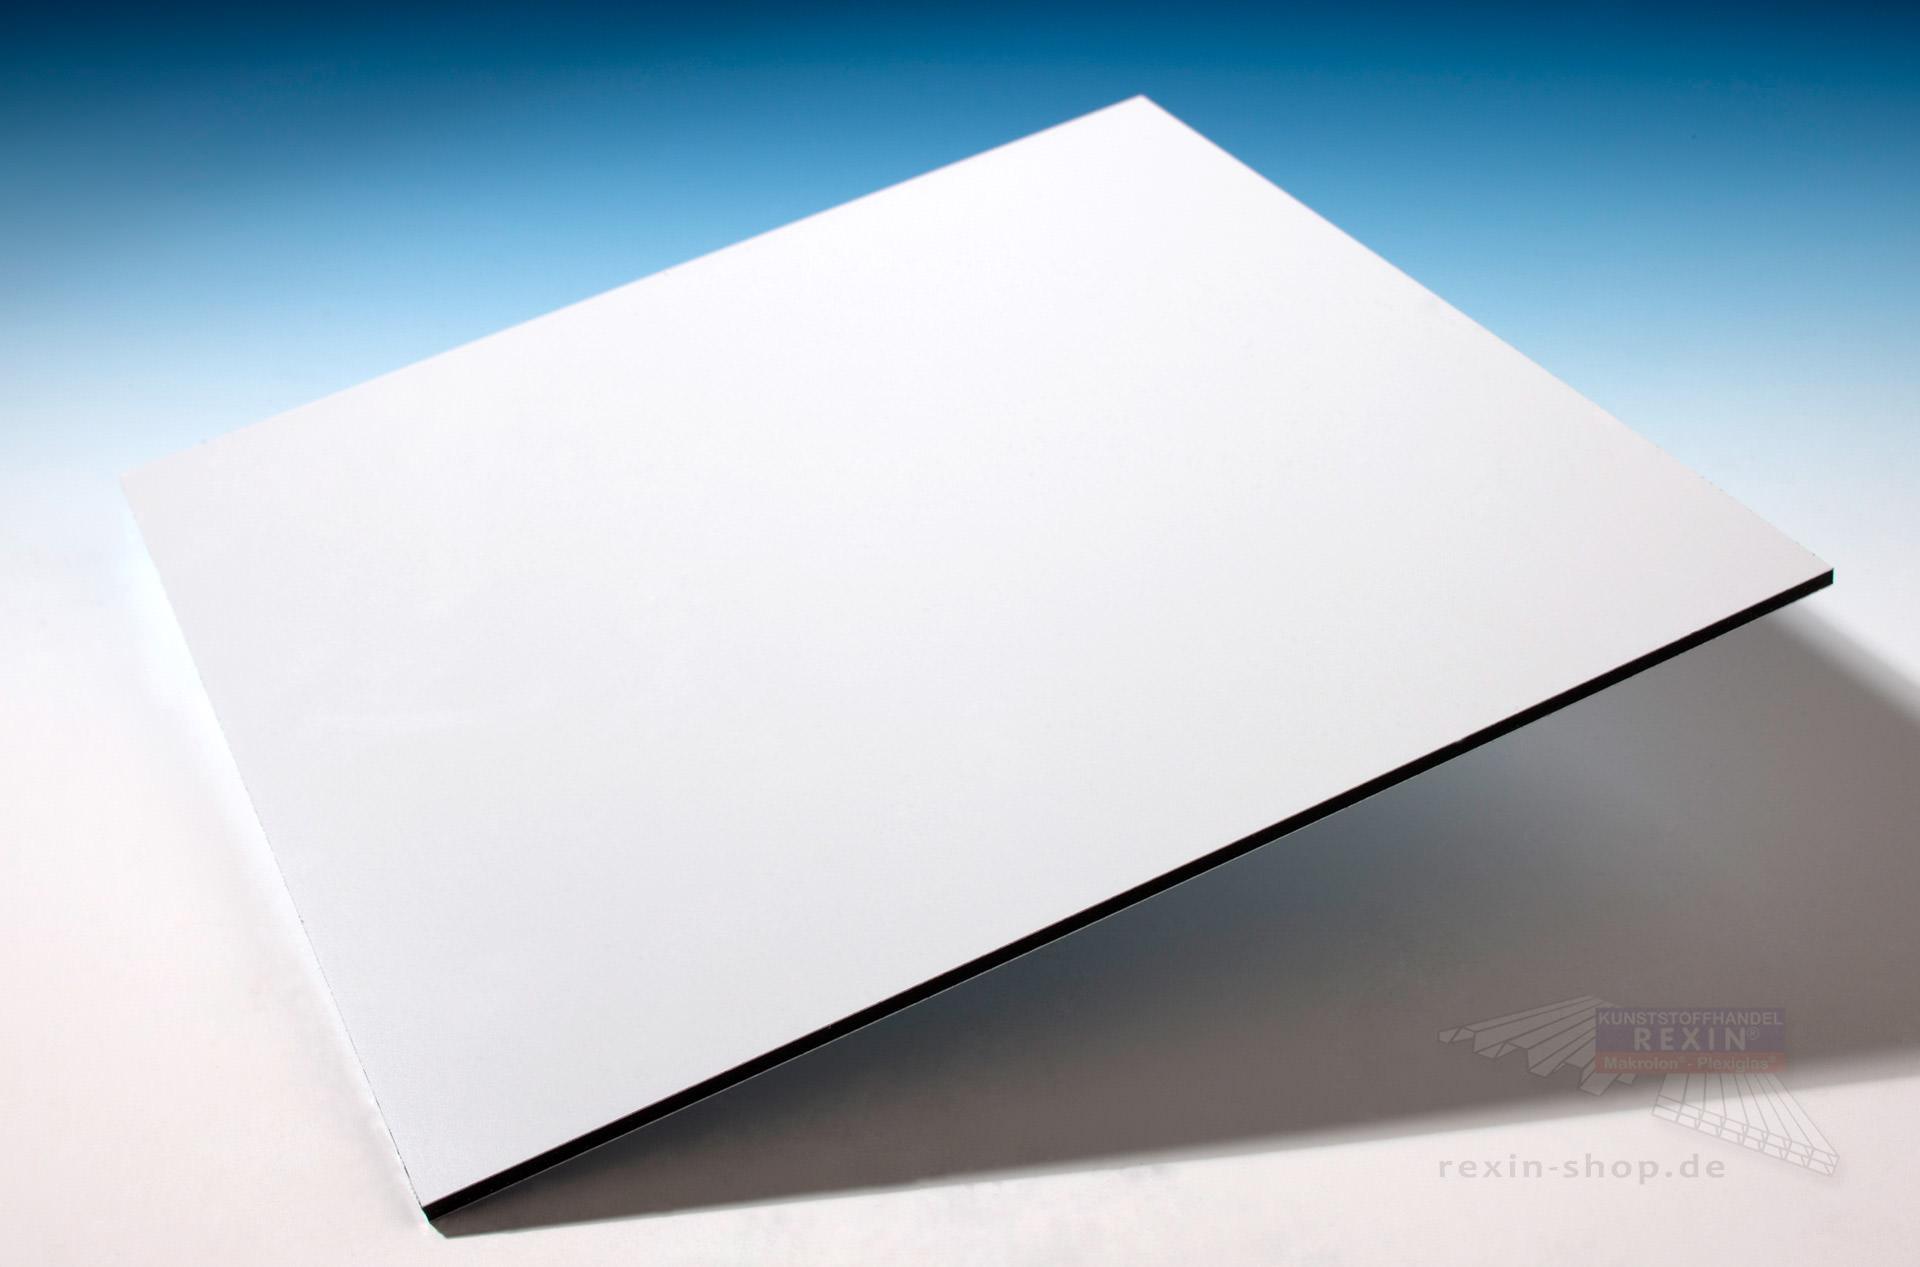 rexobond alu verbundplatten 2mm weiss ral 9016 rexobond alu verbundplatten 2mm weiss ral. Black Bedroom Furniture Sets. Home Design Ideas